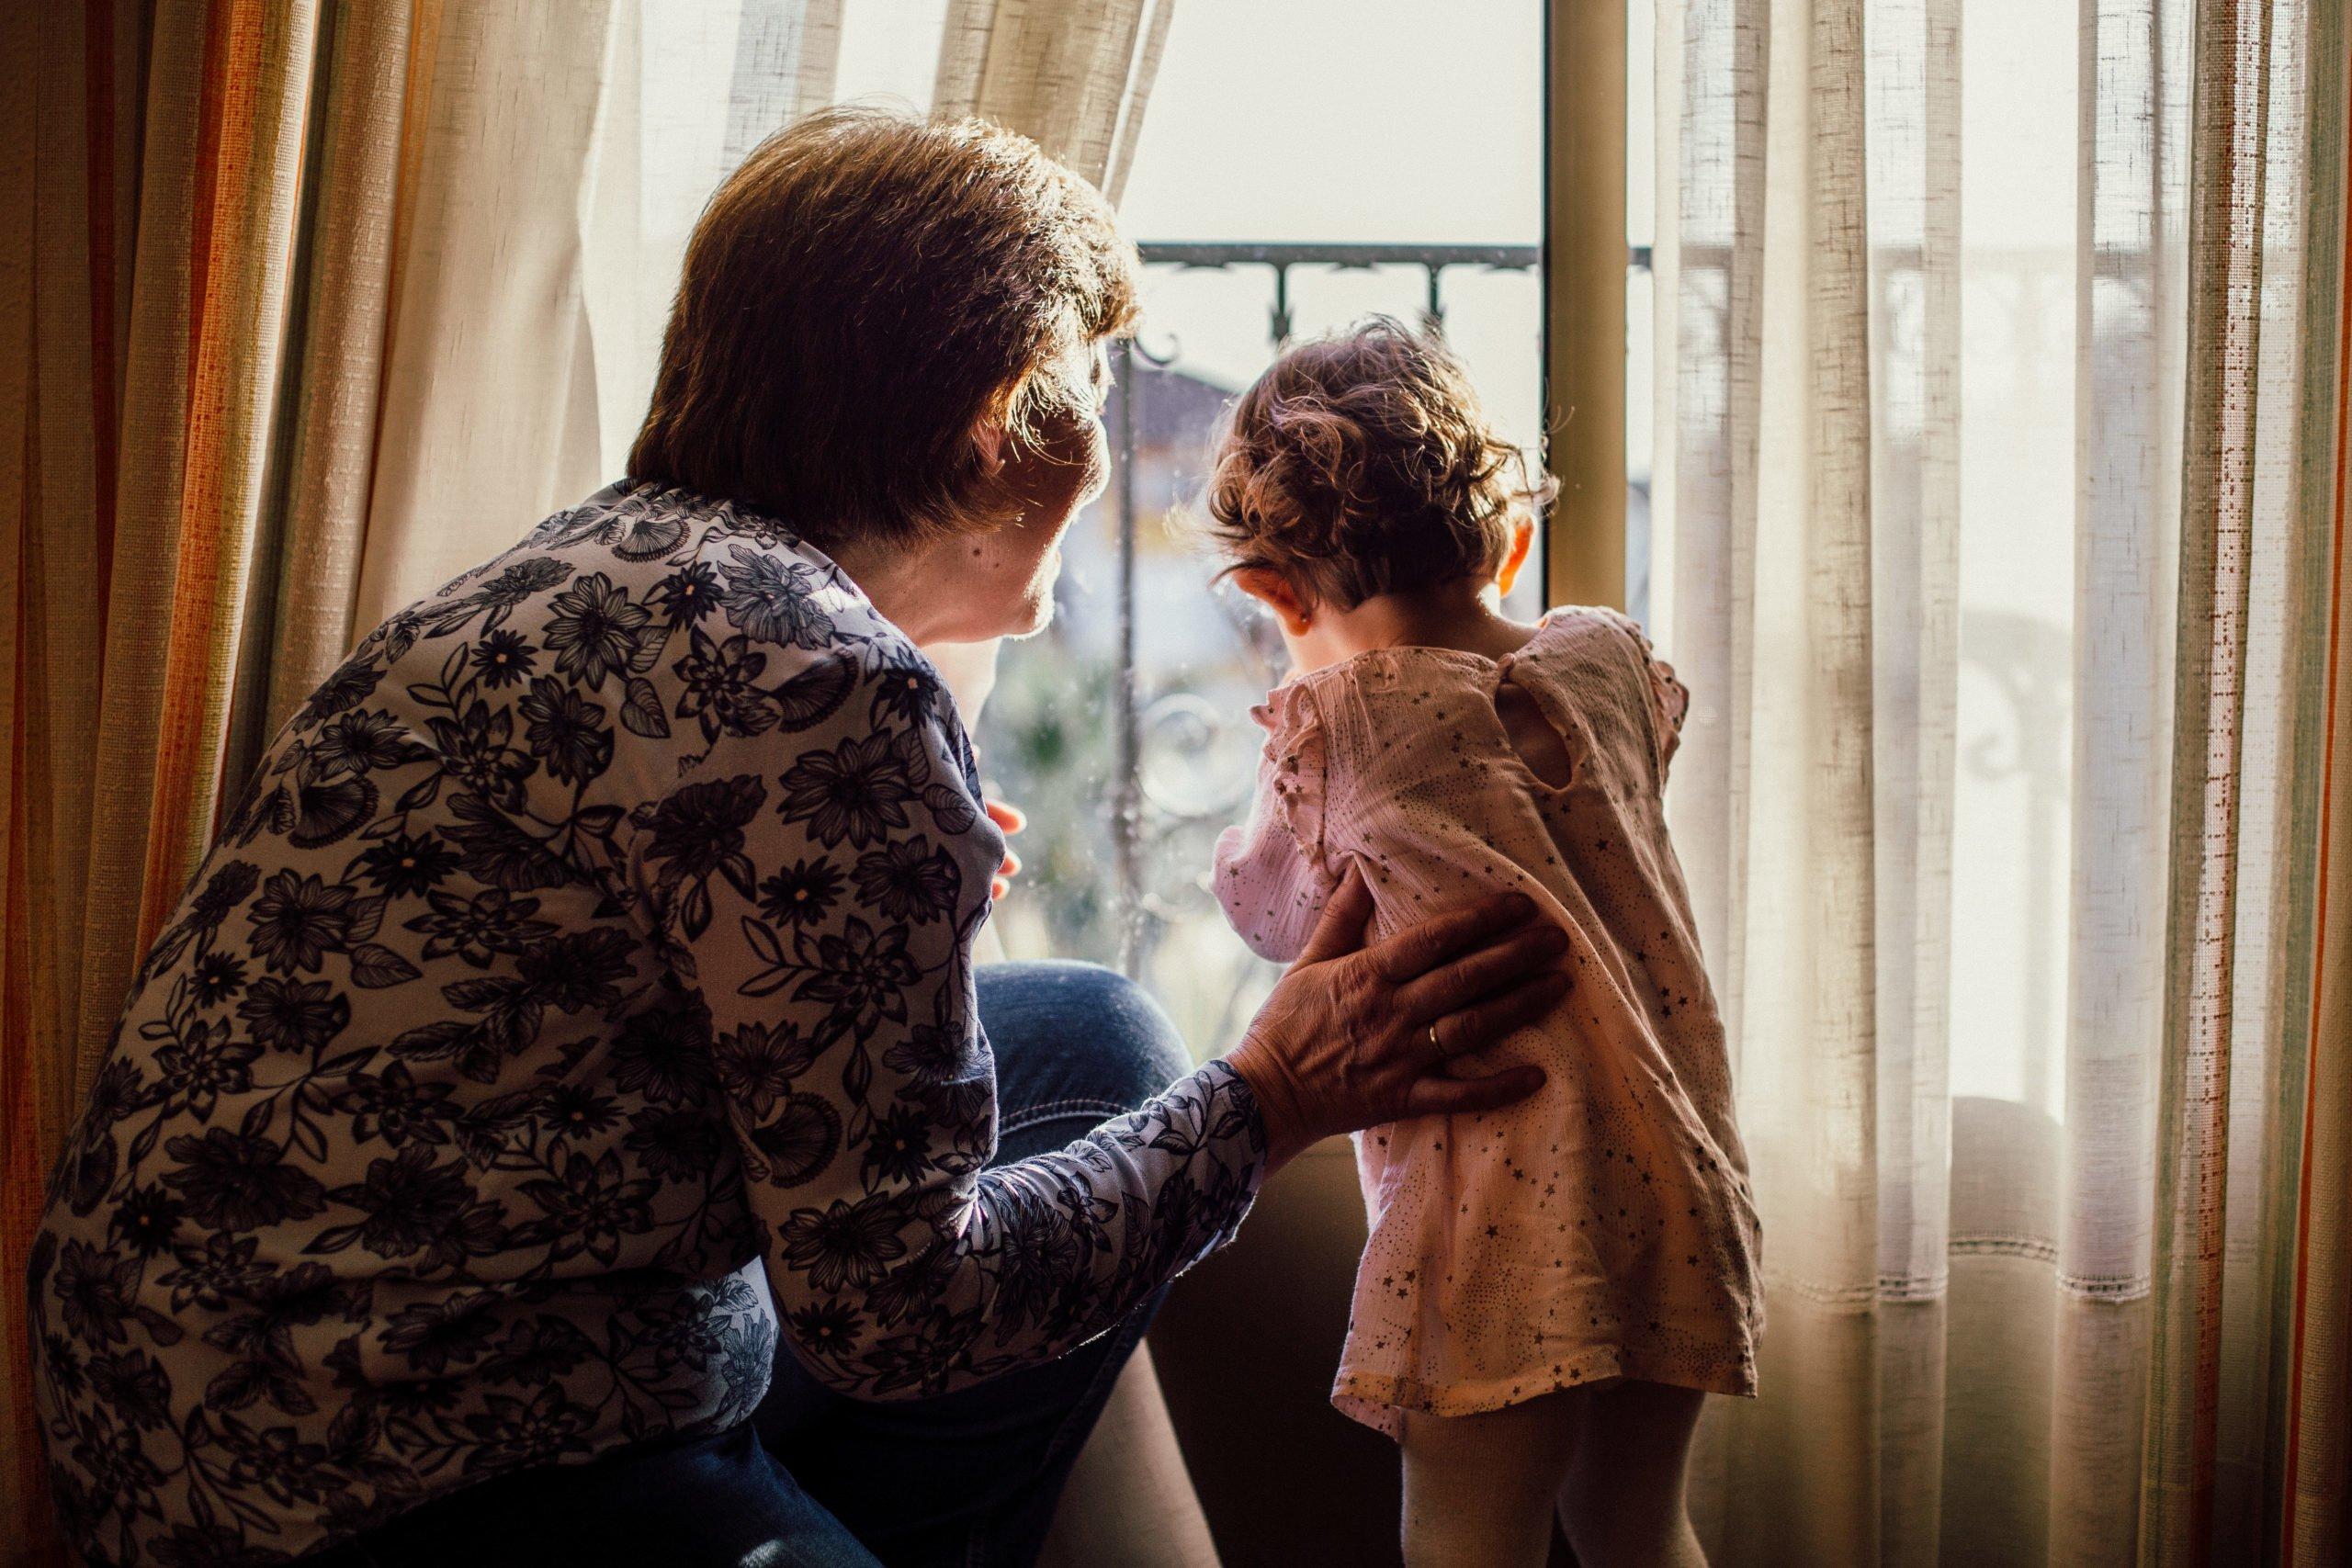 Onderzoeksrapport 'Omgang tussen grootouders en kleinkinderen' aan de Tweede Kamer aangeboden.